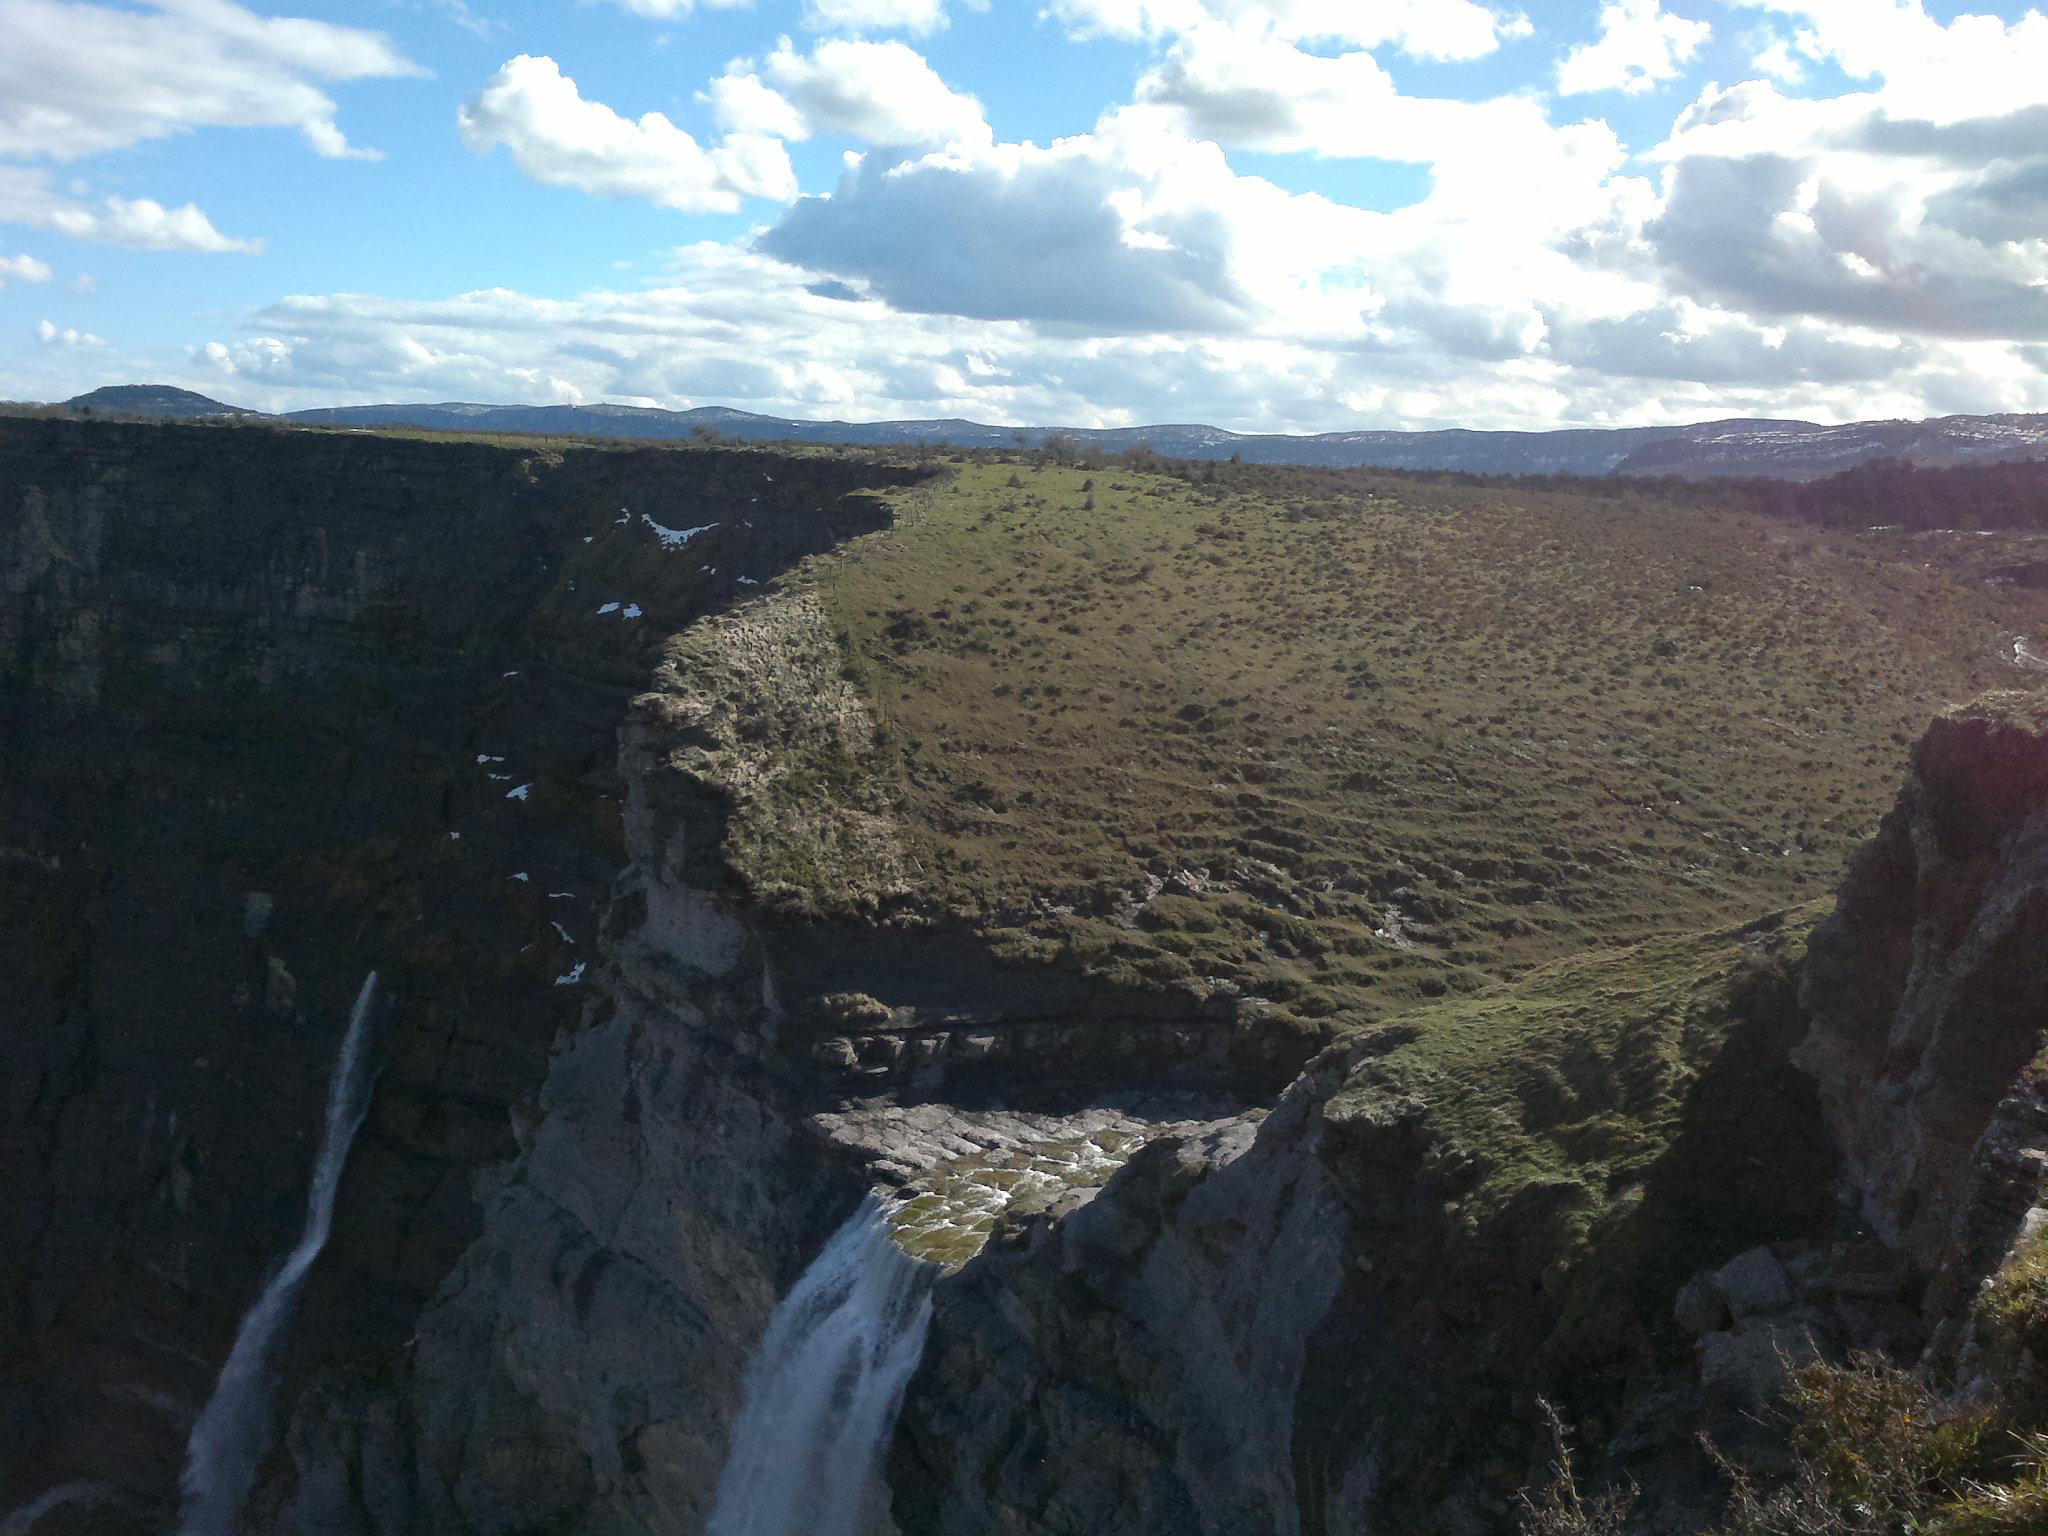 Caída de agua al vacío, uno de los más bonitos espectáculos del parque natural que abarca Sierra Salvada. Burgos vierte sus aguas sobre Vizcaya, fecundándola.